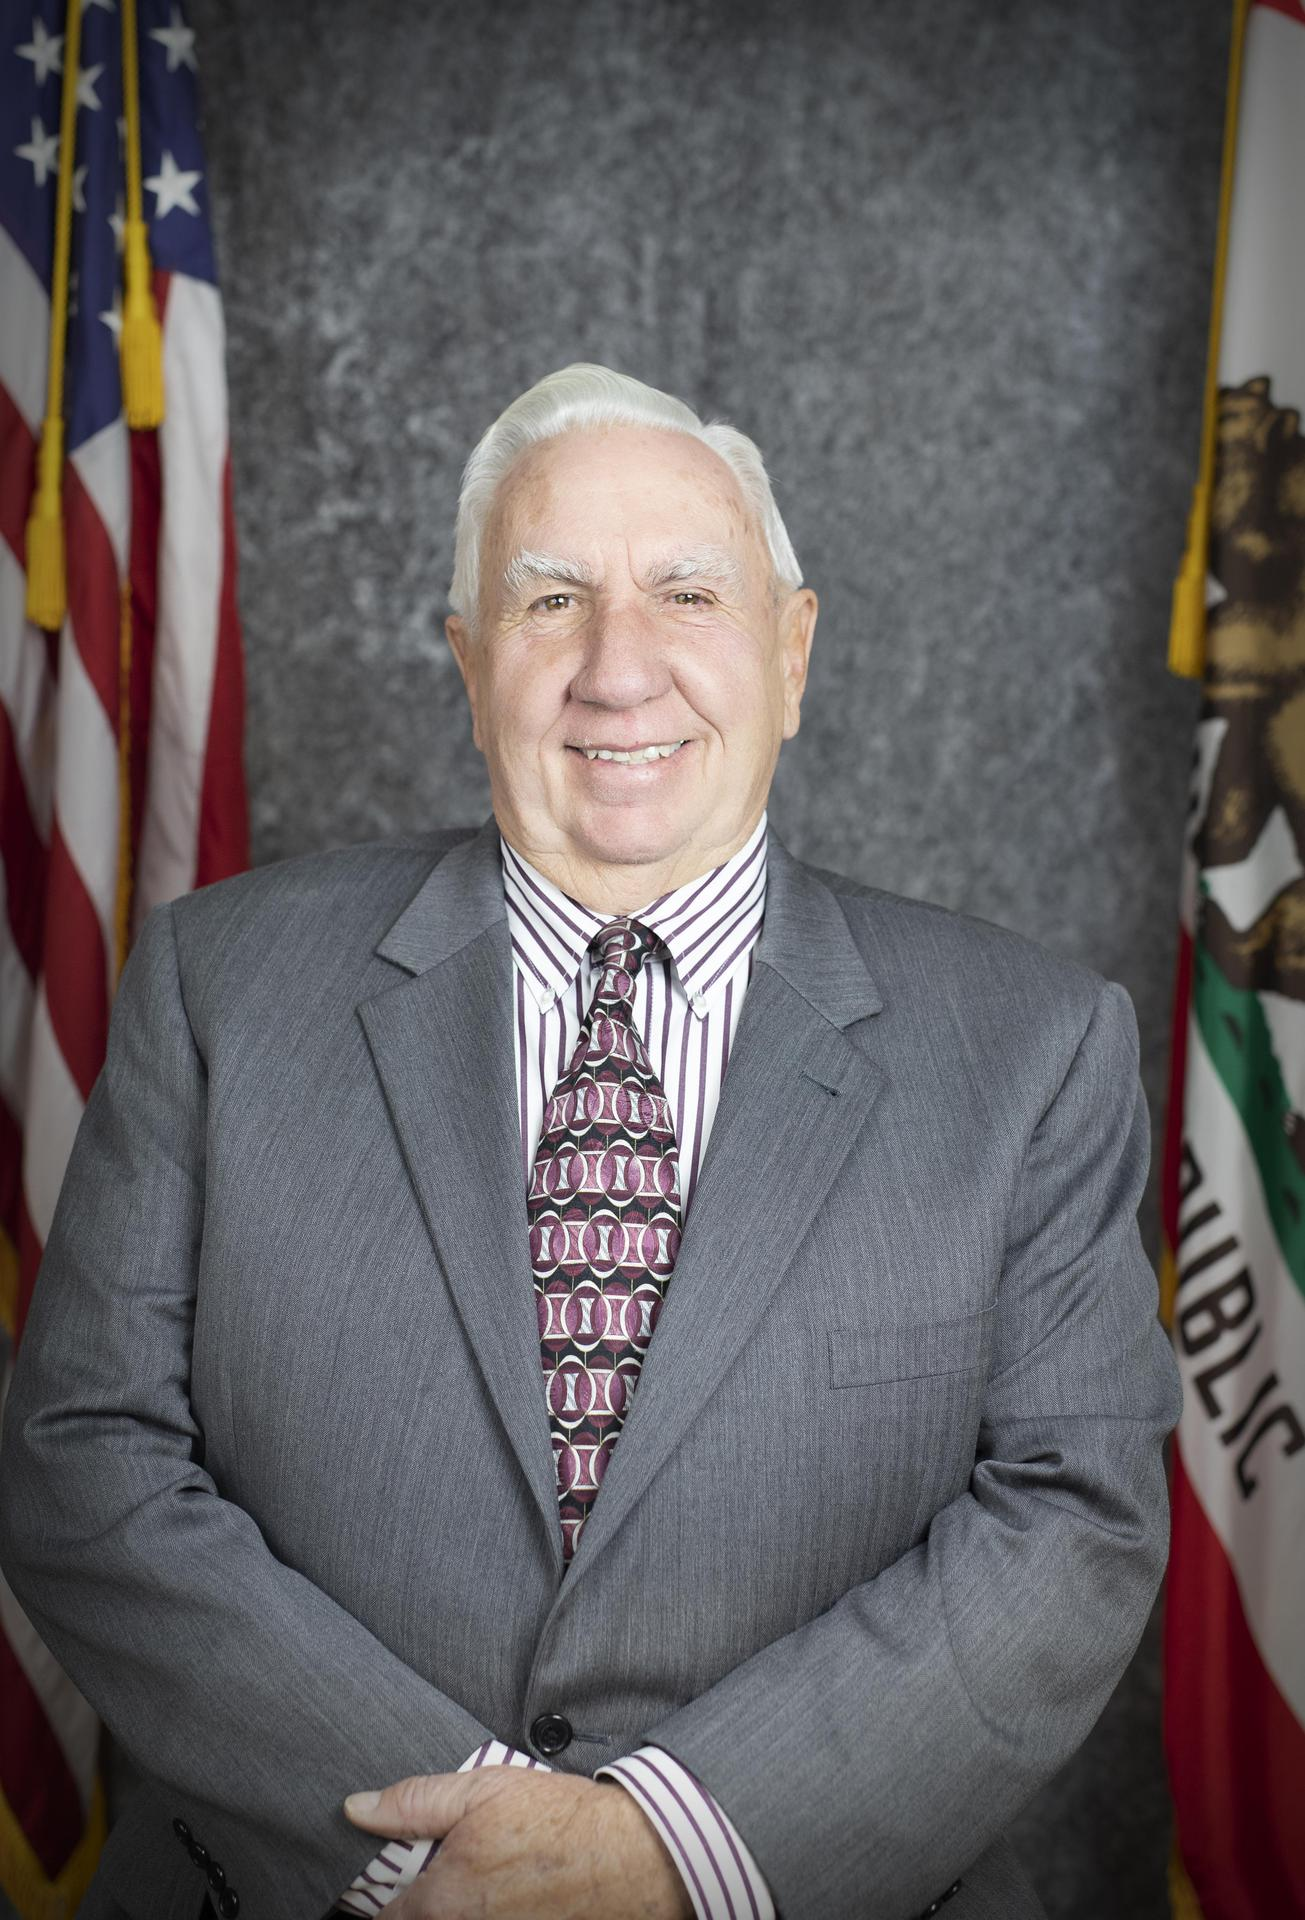 Dave Nilsen